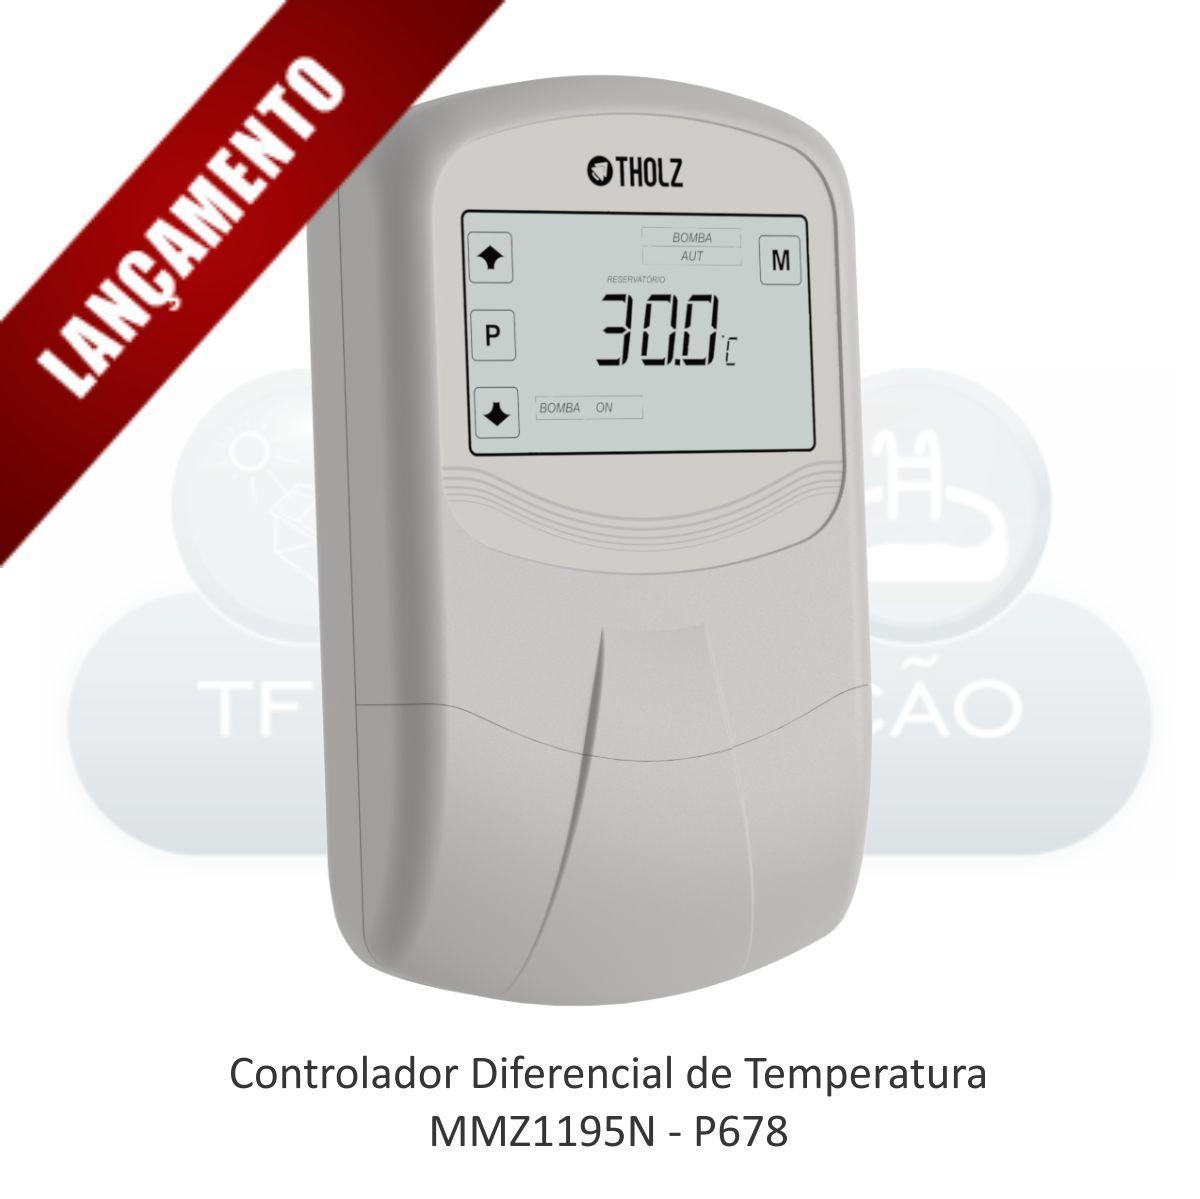 Controlador Diferencial de Temperatura - MMZ1195N - P678 (Substitui MMZ601N)